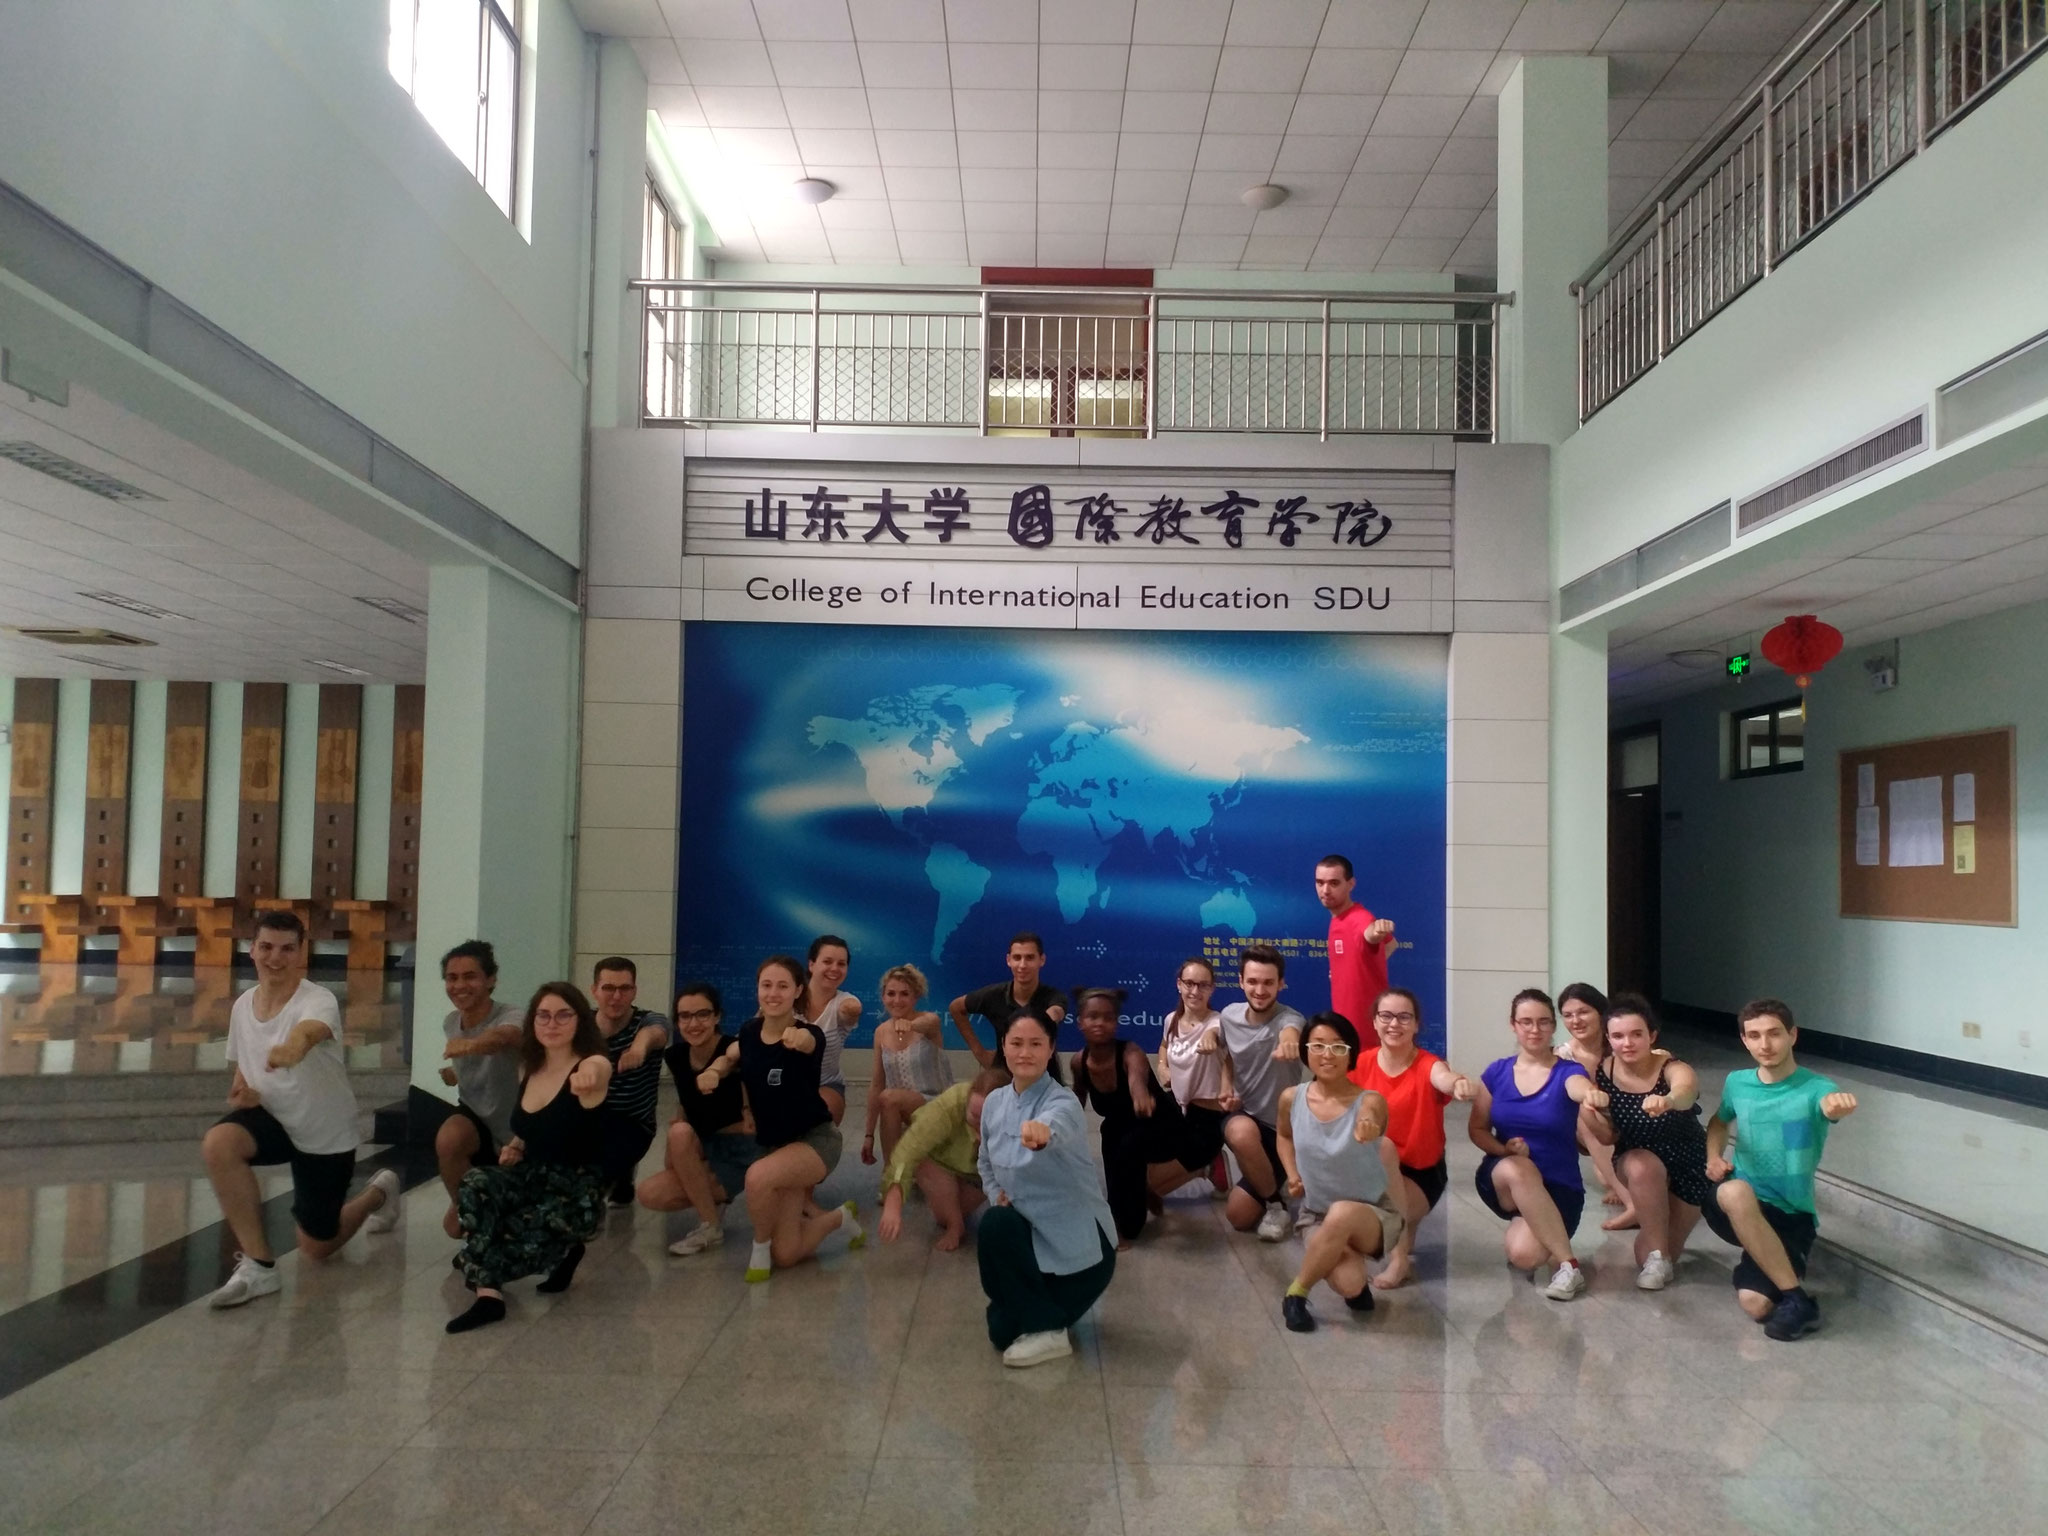 法国学生中文学习夏令营在山东大学